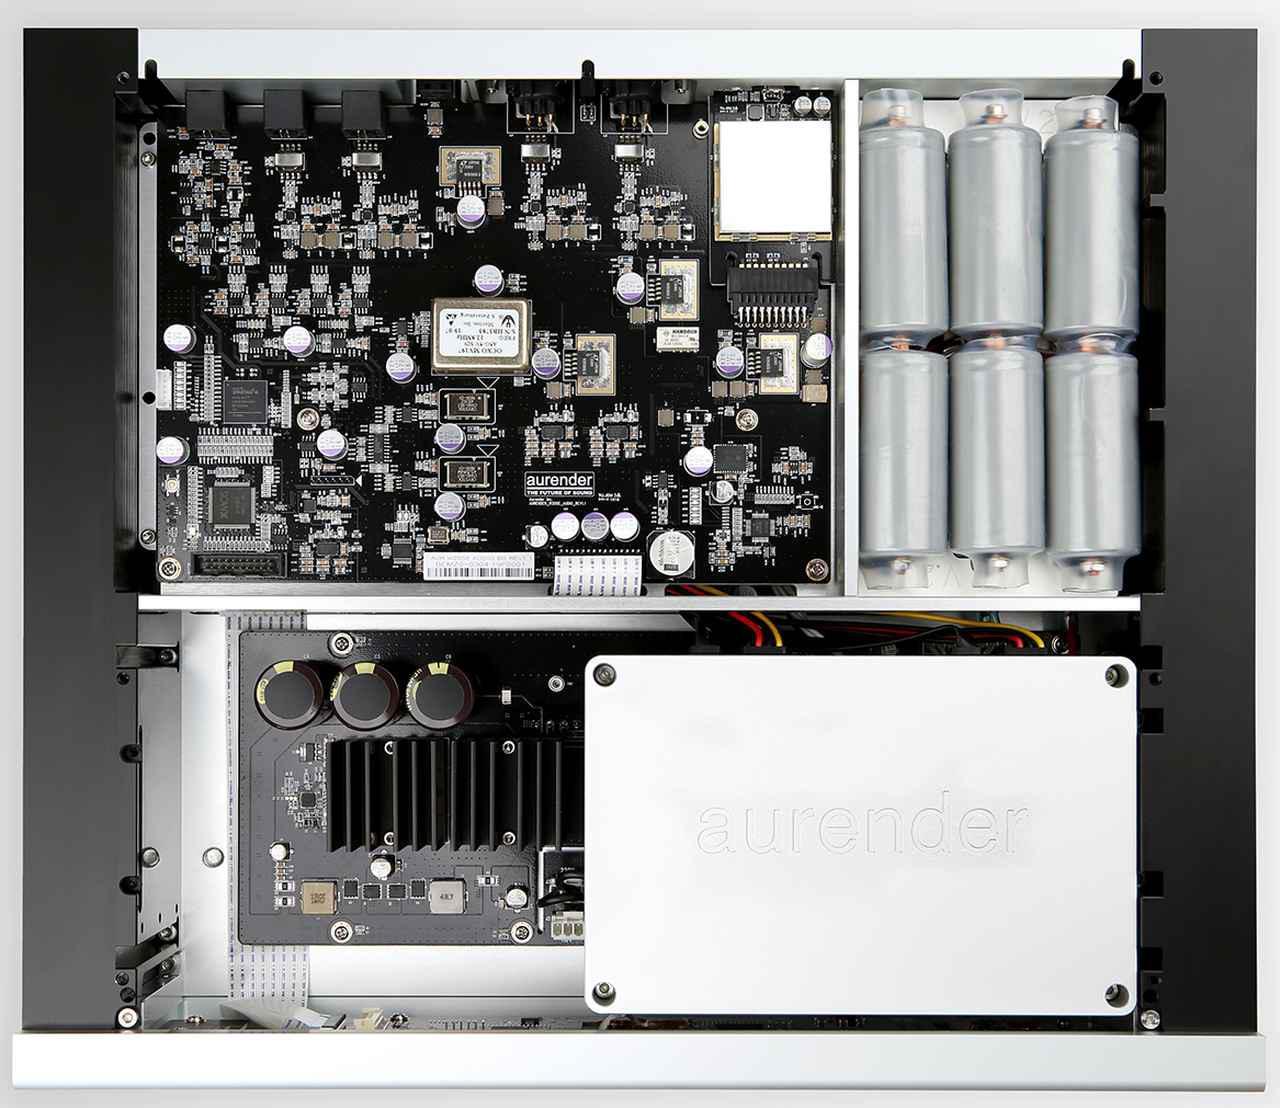 画像: 2系統のLiFePO4バッテリー電源が交互に電力を供給し、充電する。それにより、グラウンドノイズからコンポーネントを完全に分離し、ジッターやAC/DC変換で発生する歪みを低減している。また、高精度のOCXOクロックを採用したことで、時間や温度の変化で発生するジッターを防いでいる